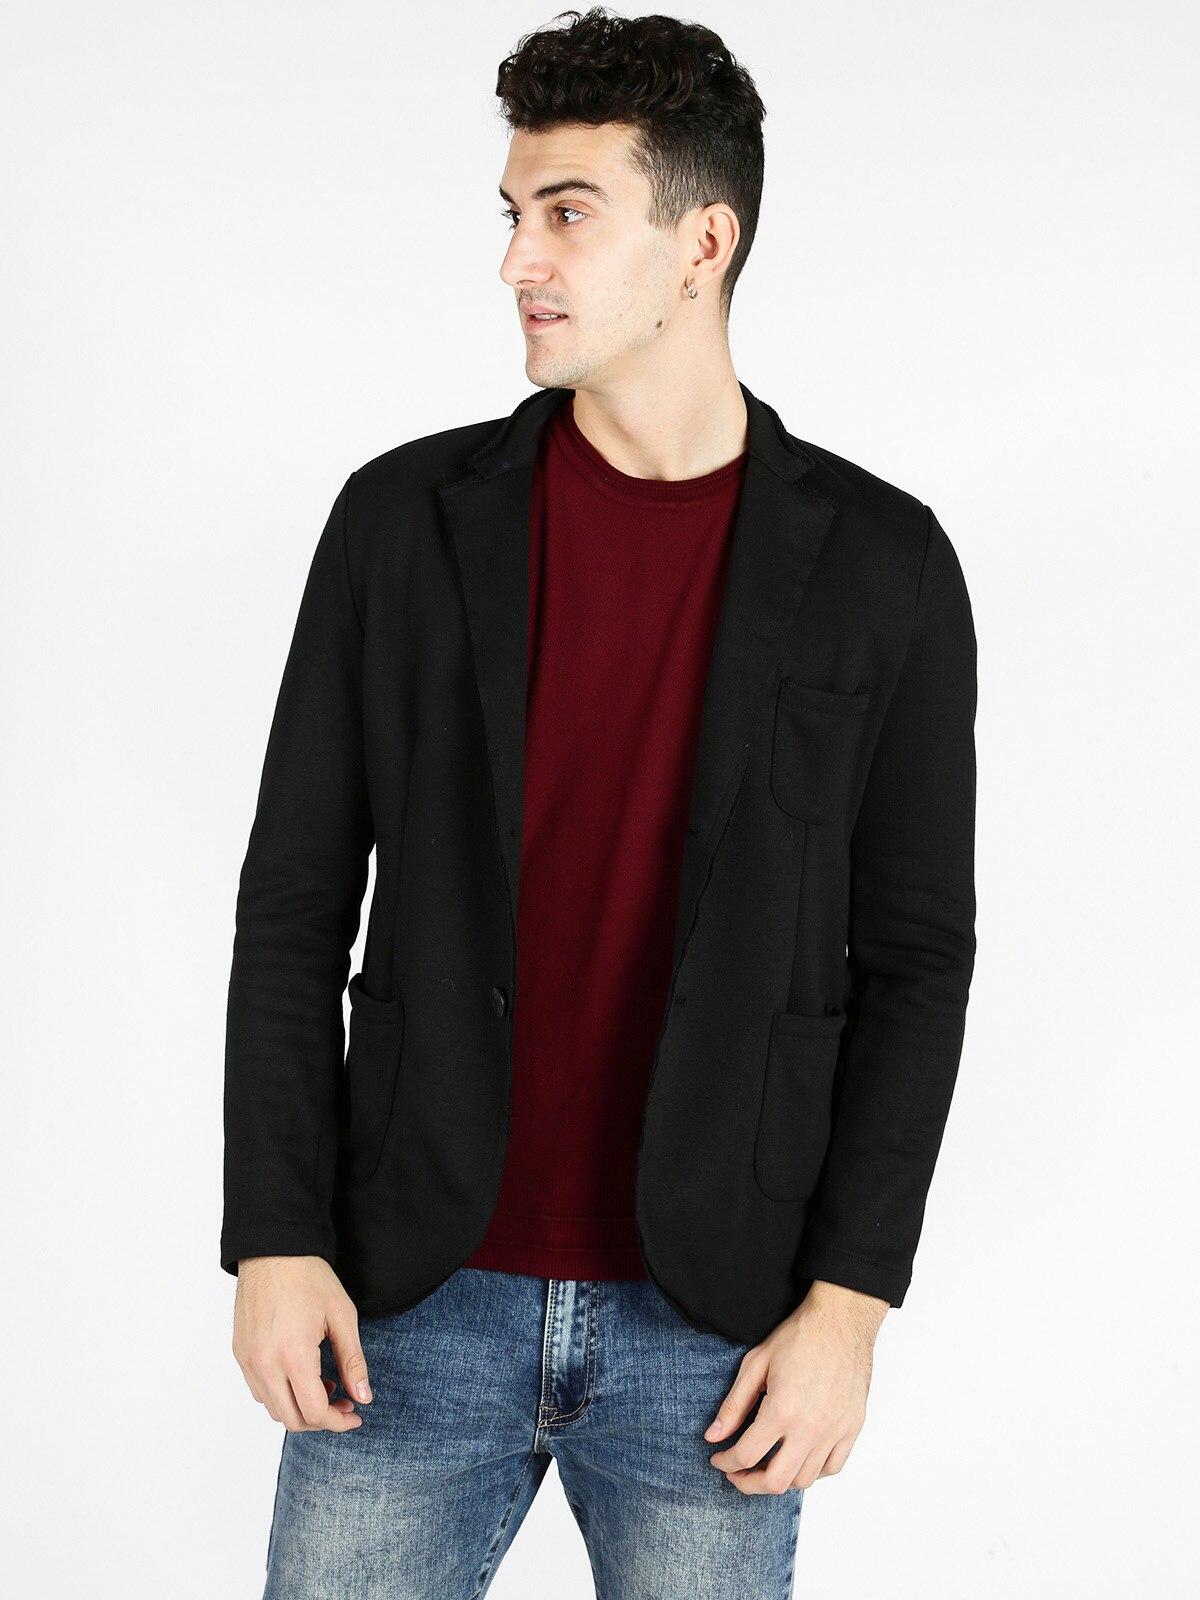 Blazer Jacket Cotton